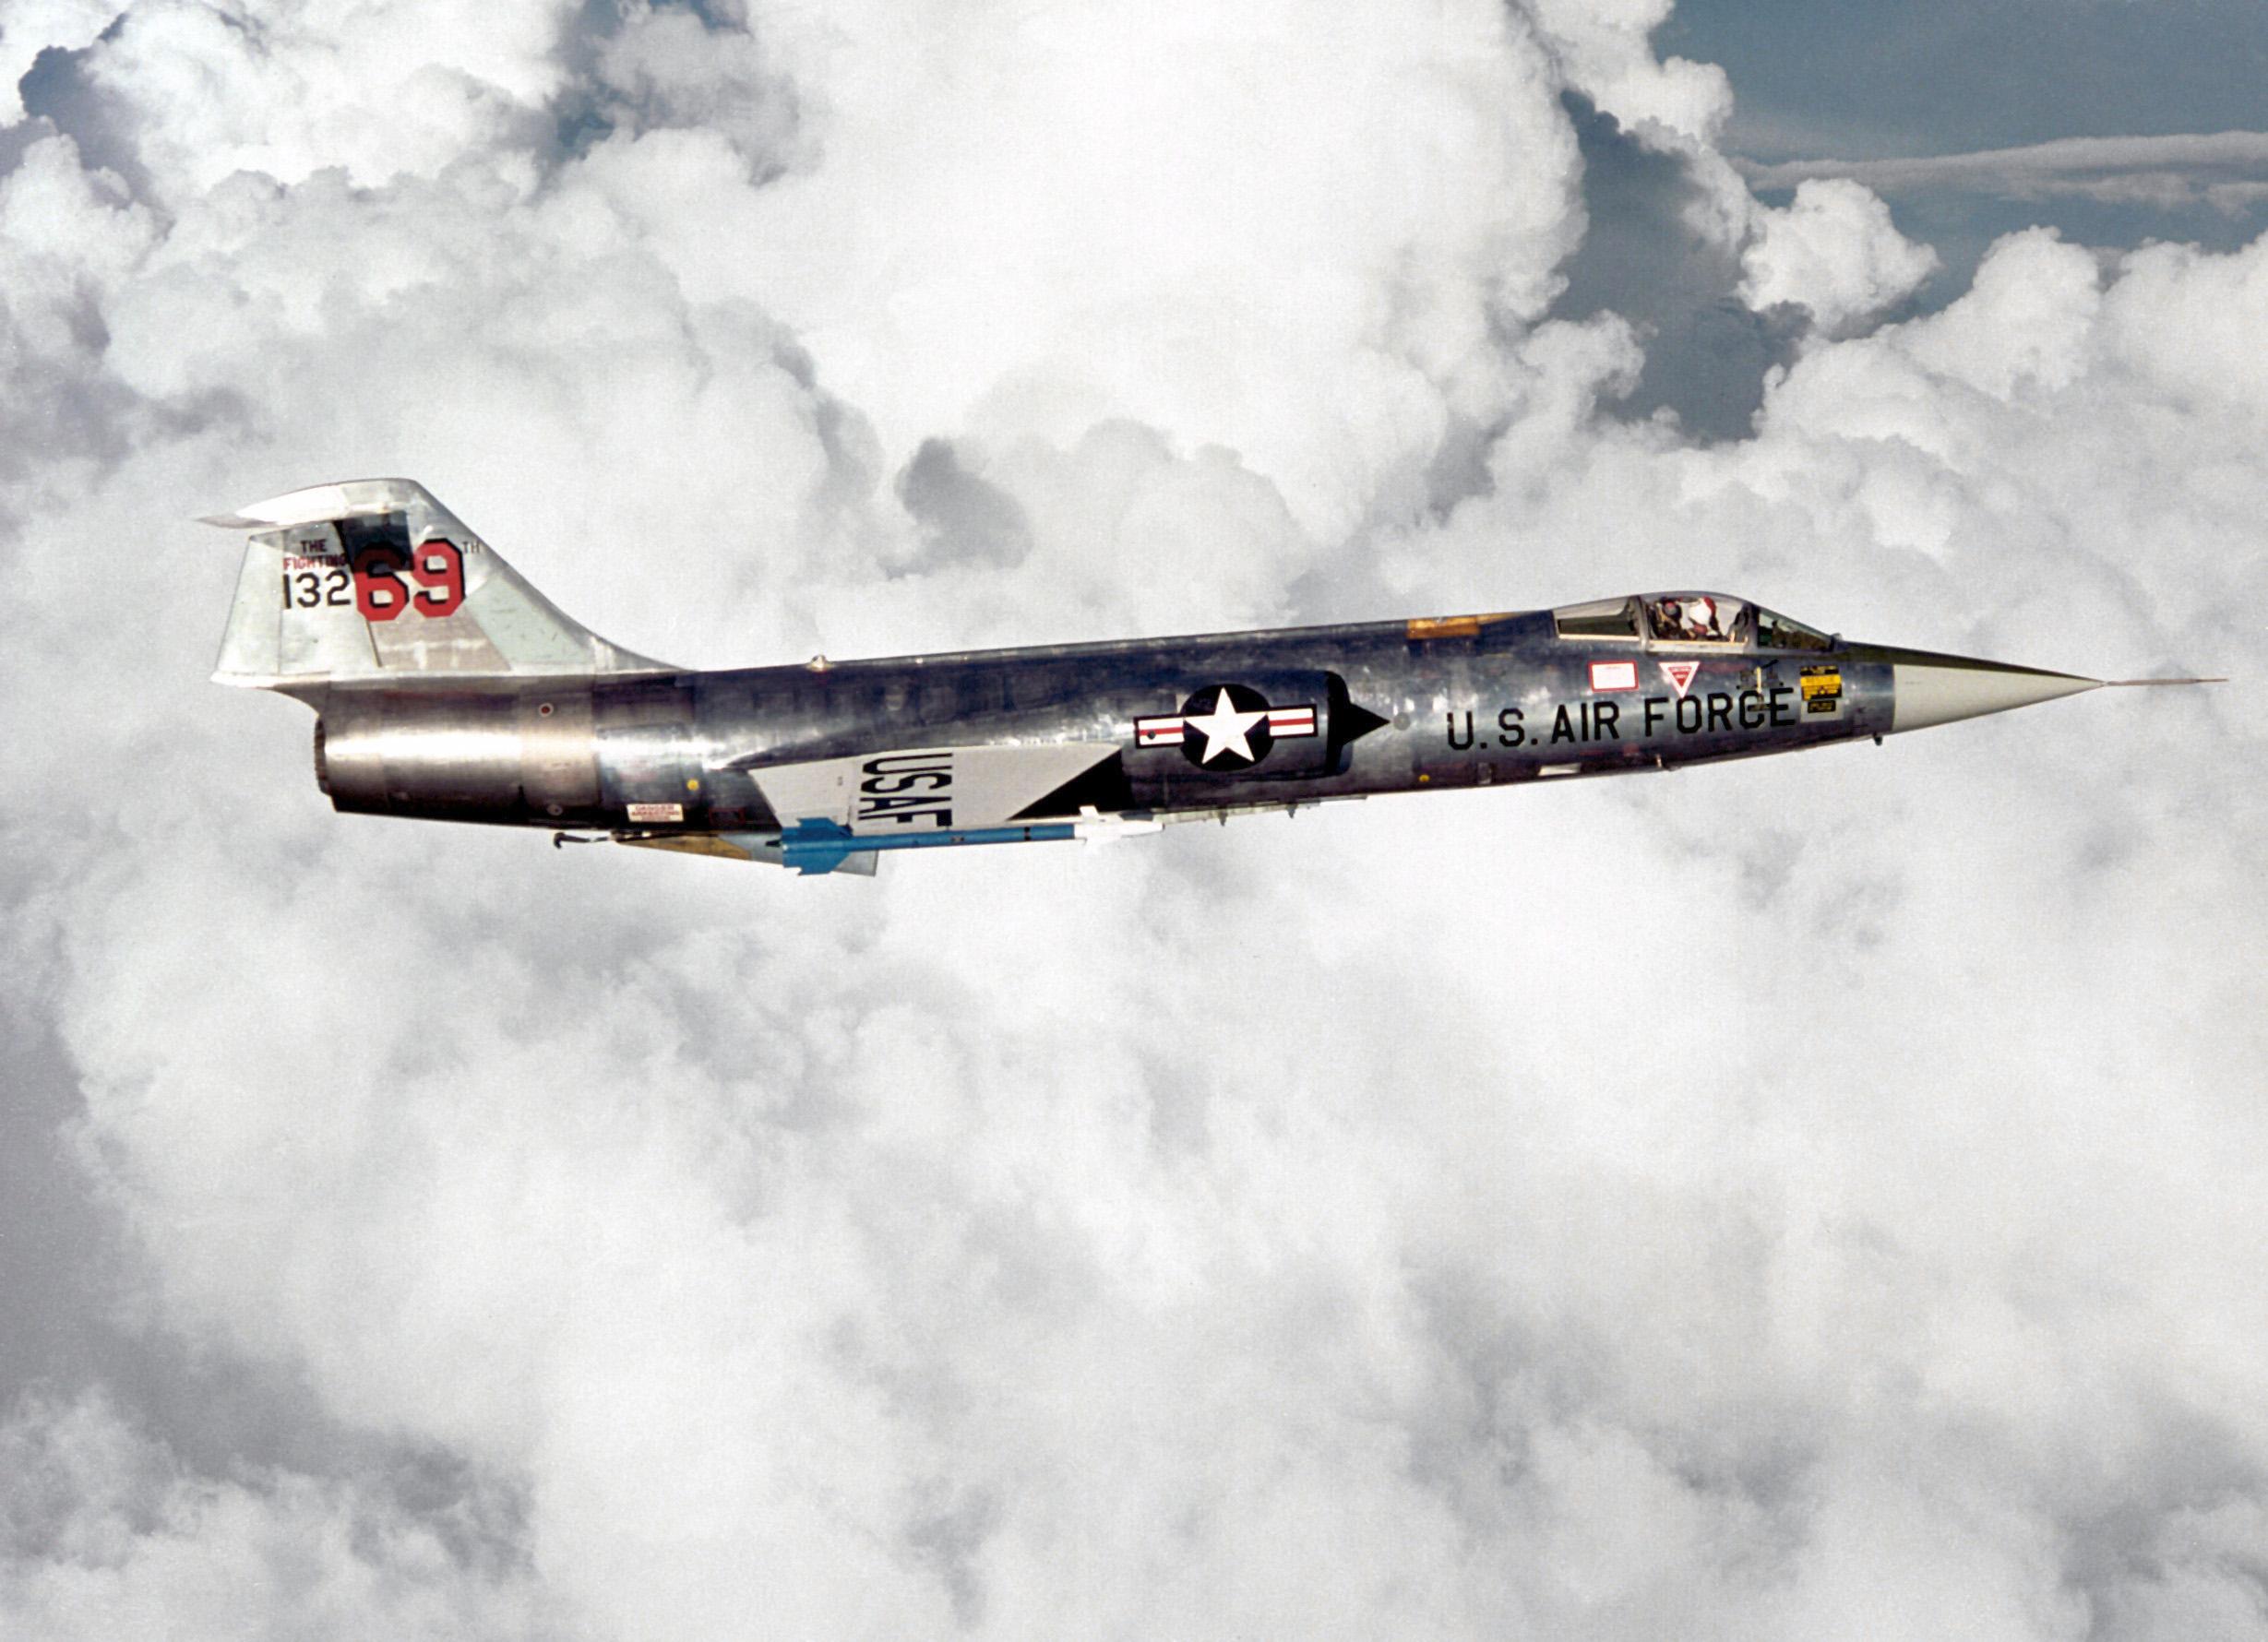 l'F35 non spala la neve - Pagina 5 F-104_right_side_view